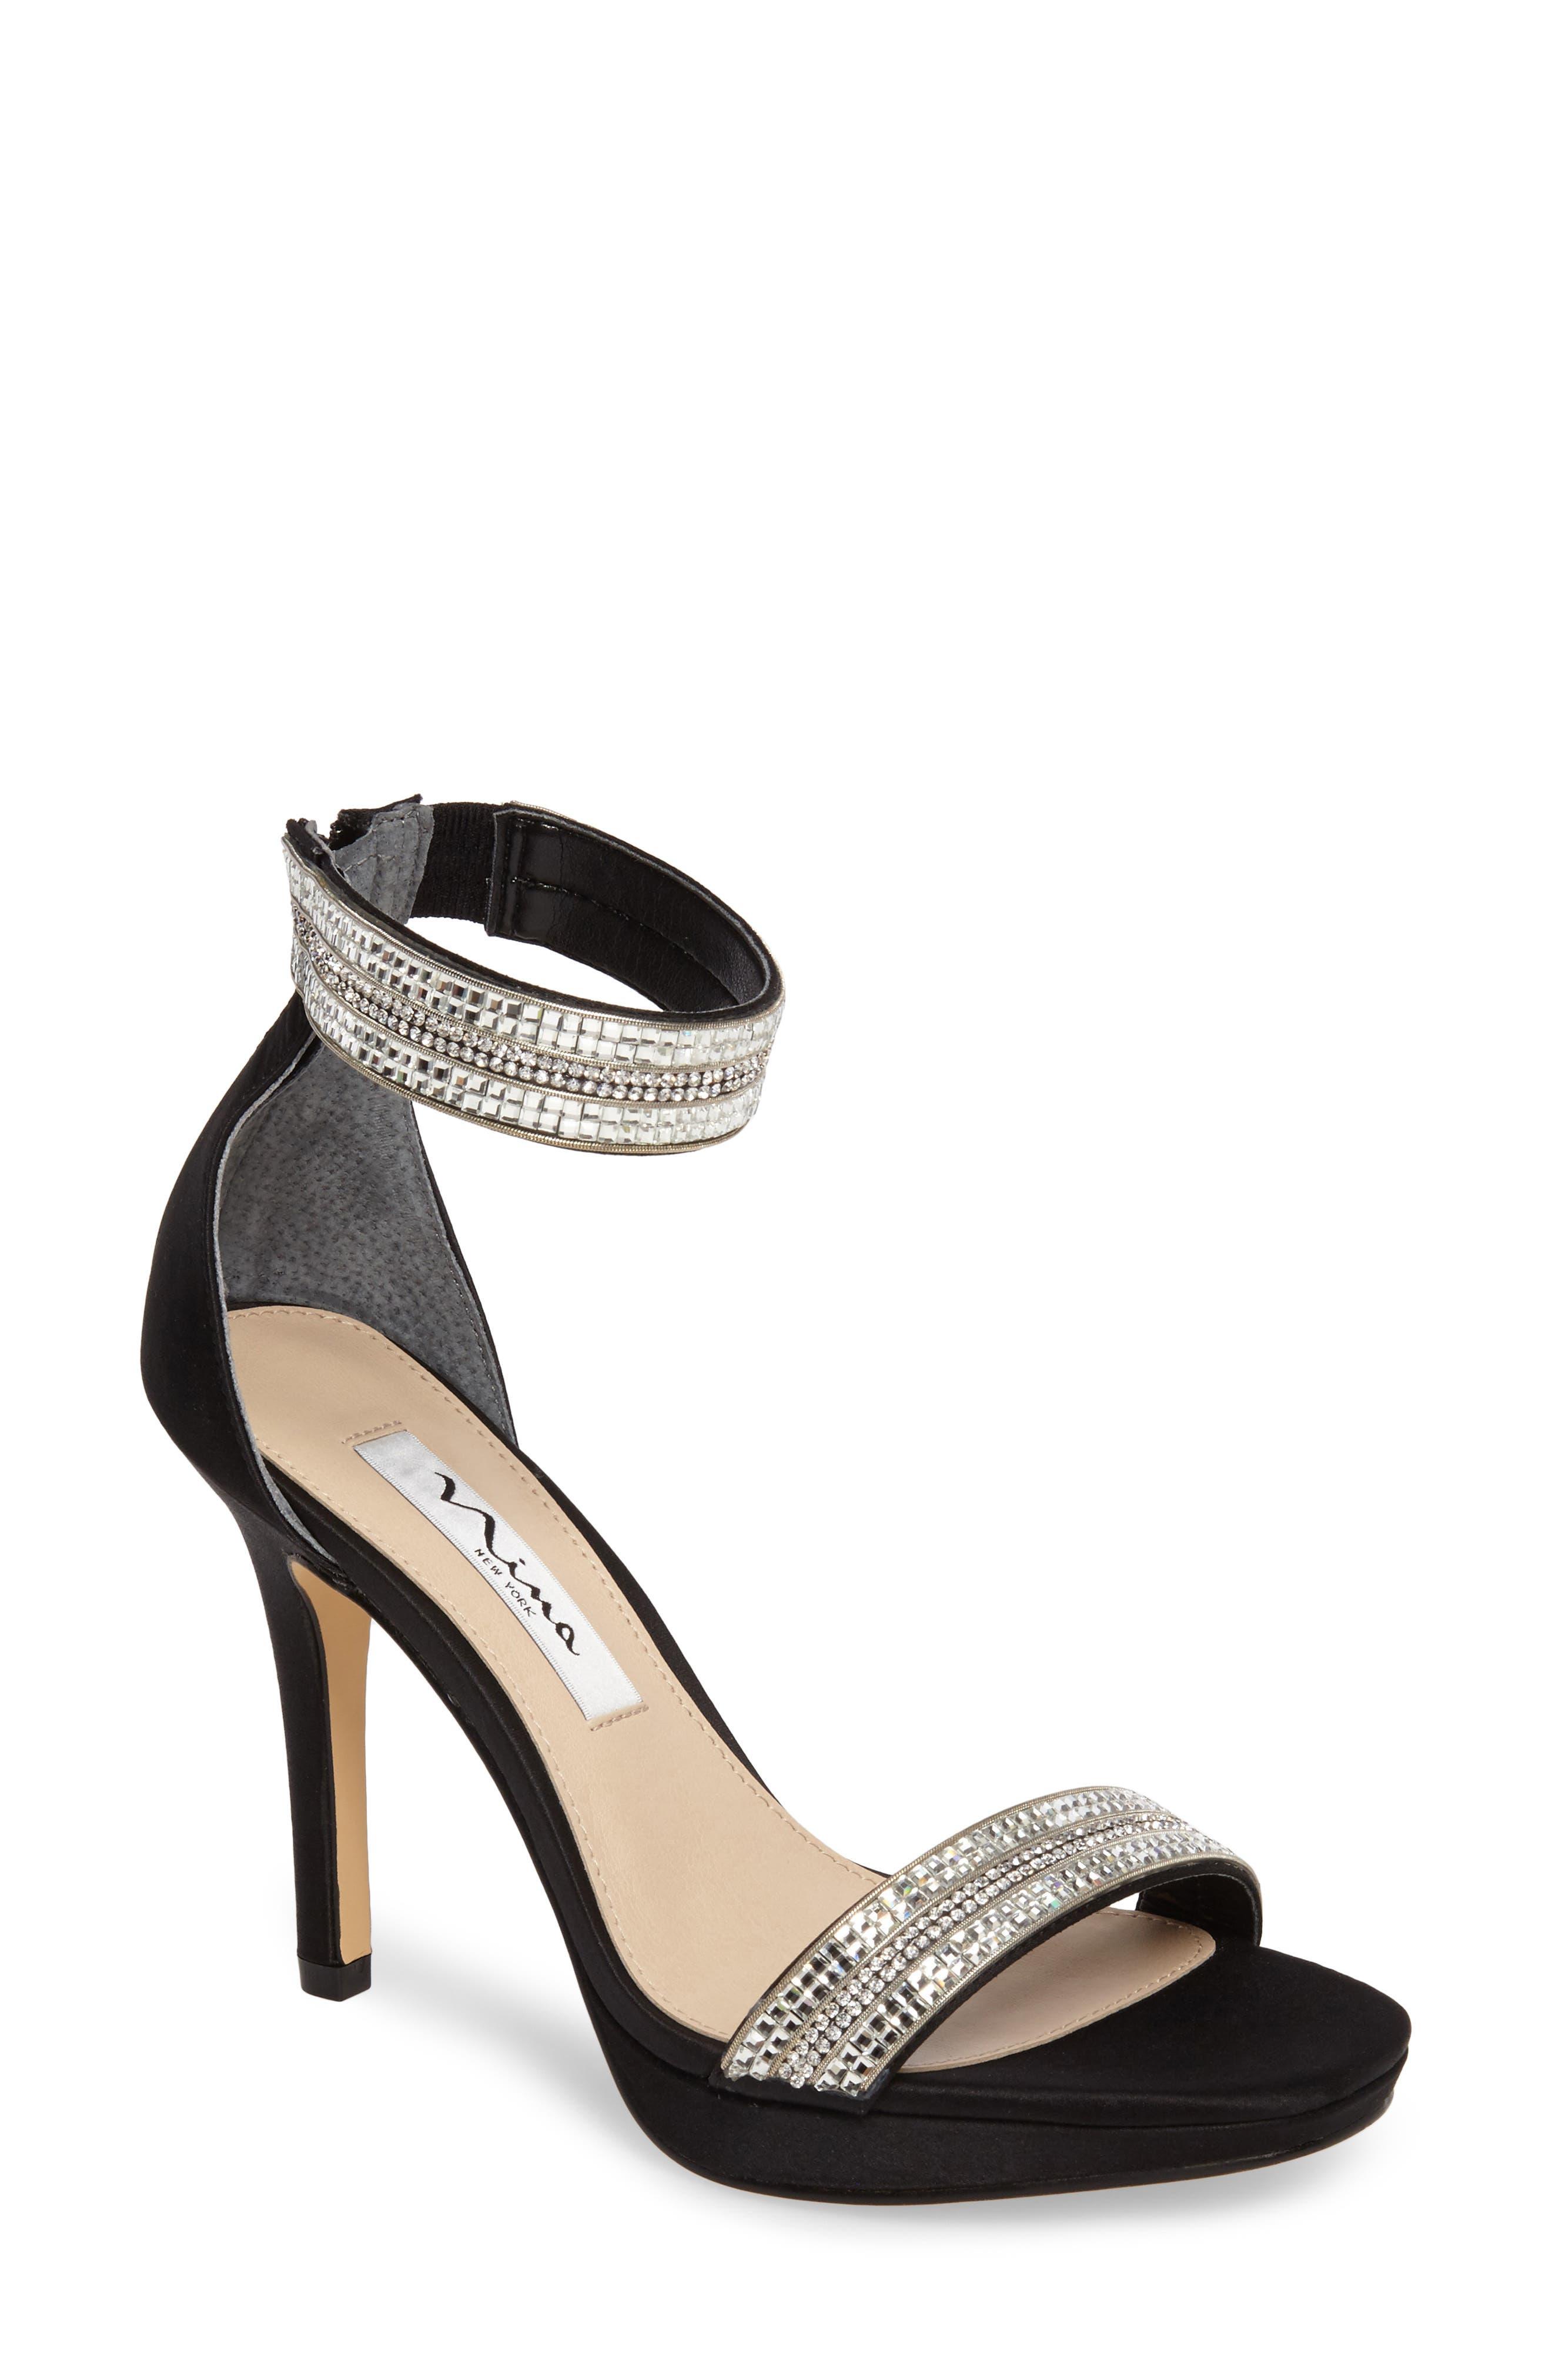 Aubrie Ankle Strap Sandal,                         Main,                         color, Black Satin